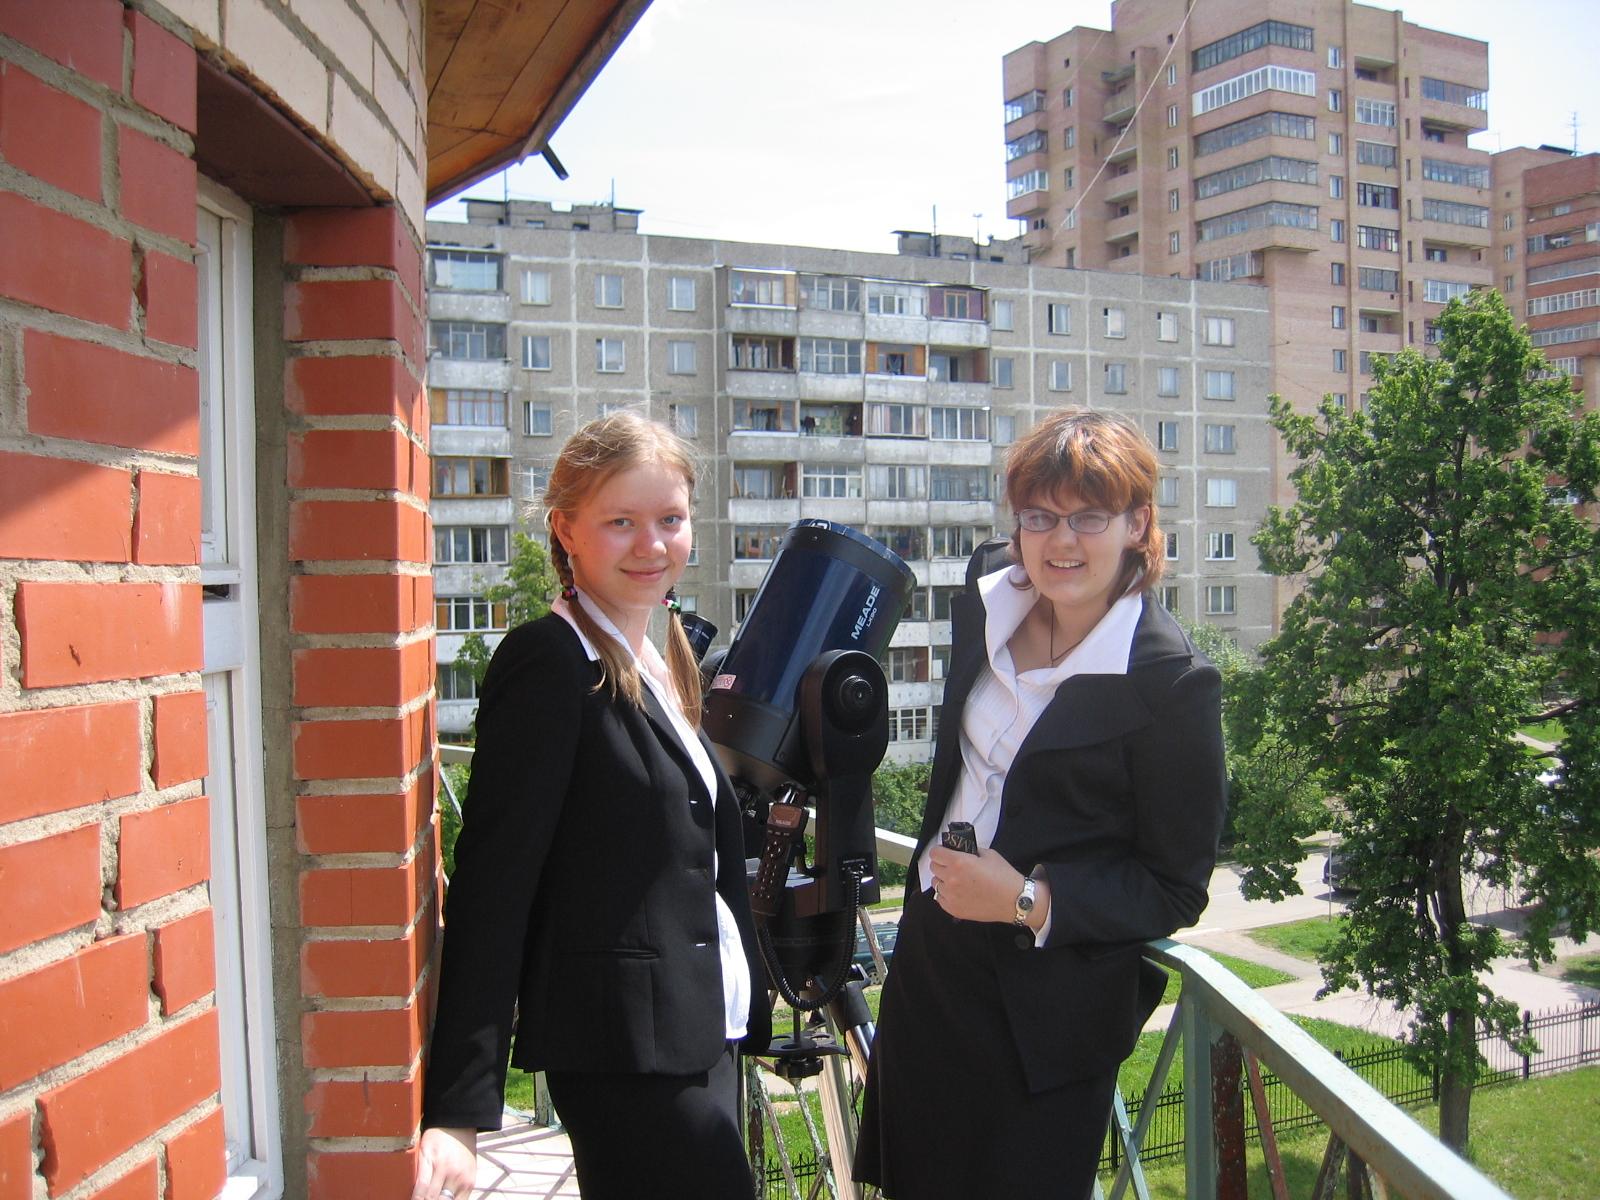 Юля Старостина и Аня Карсонова, июнь 2004, прохождение Венеры по диску Солнца